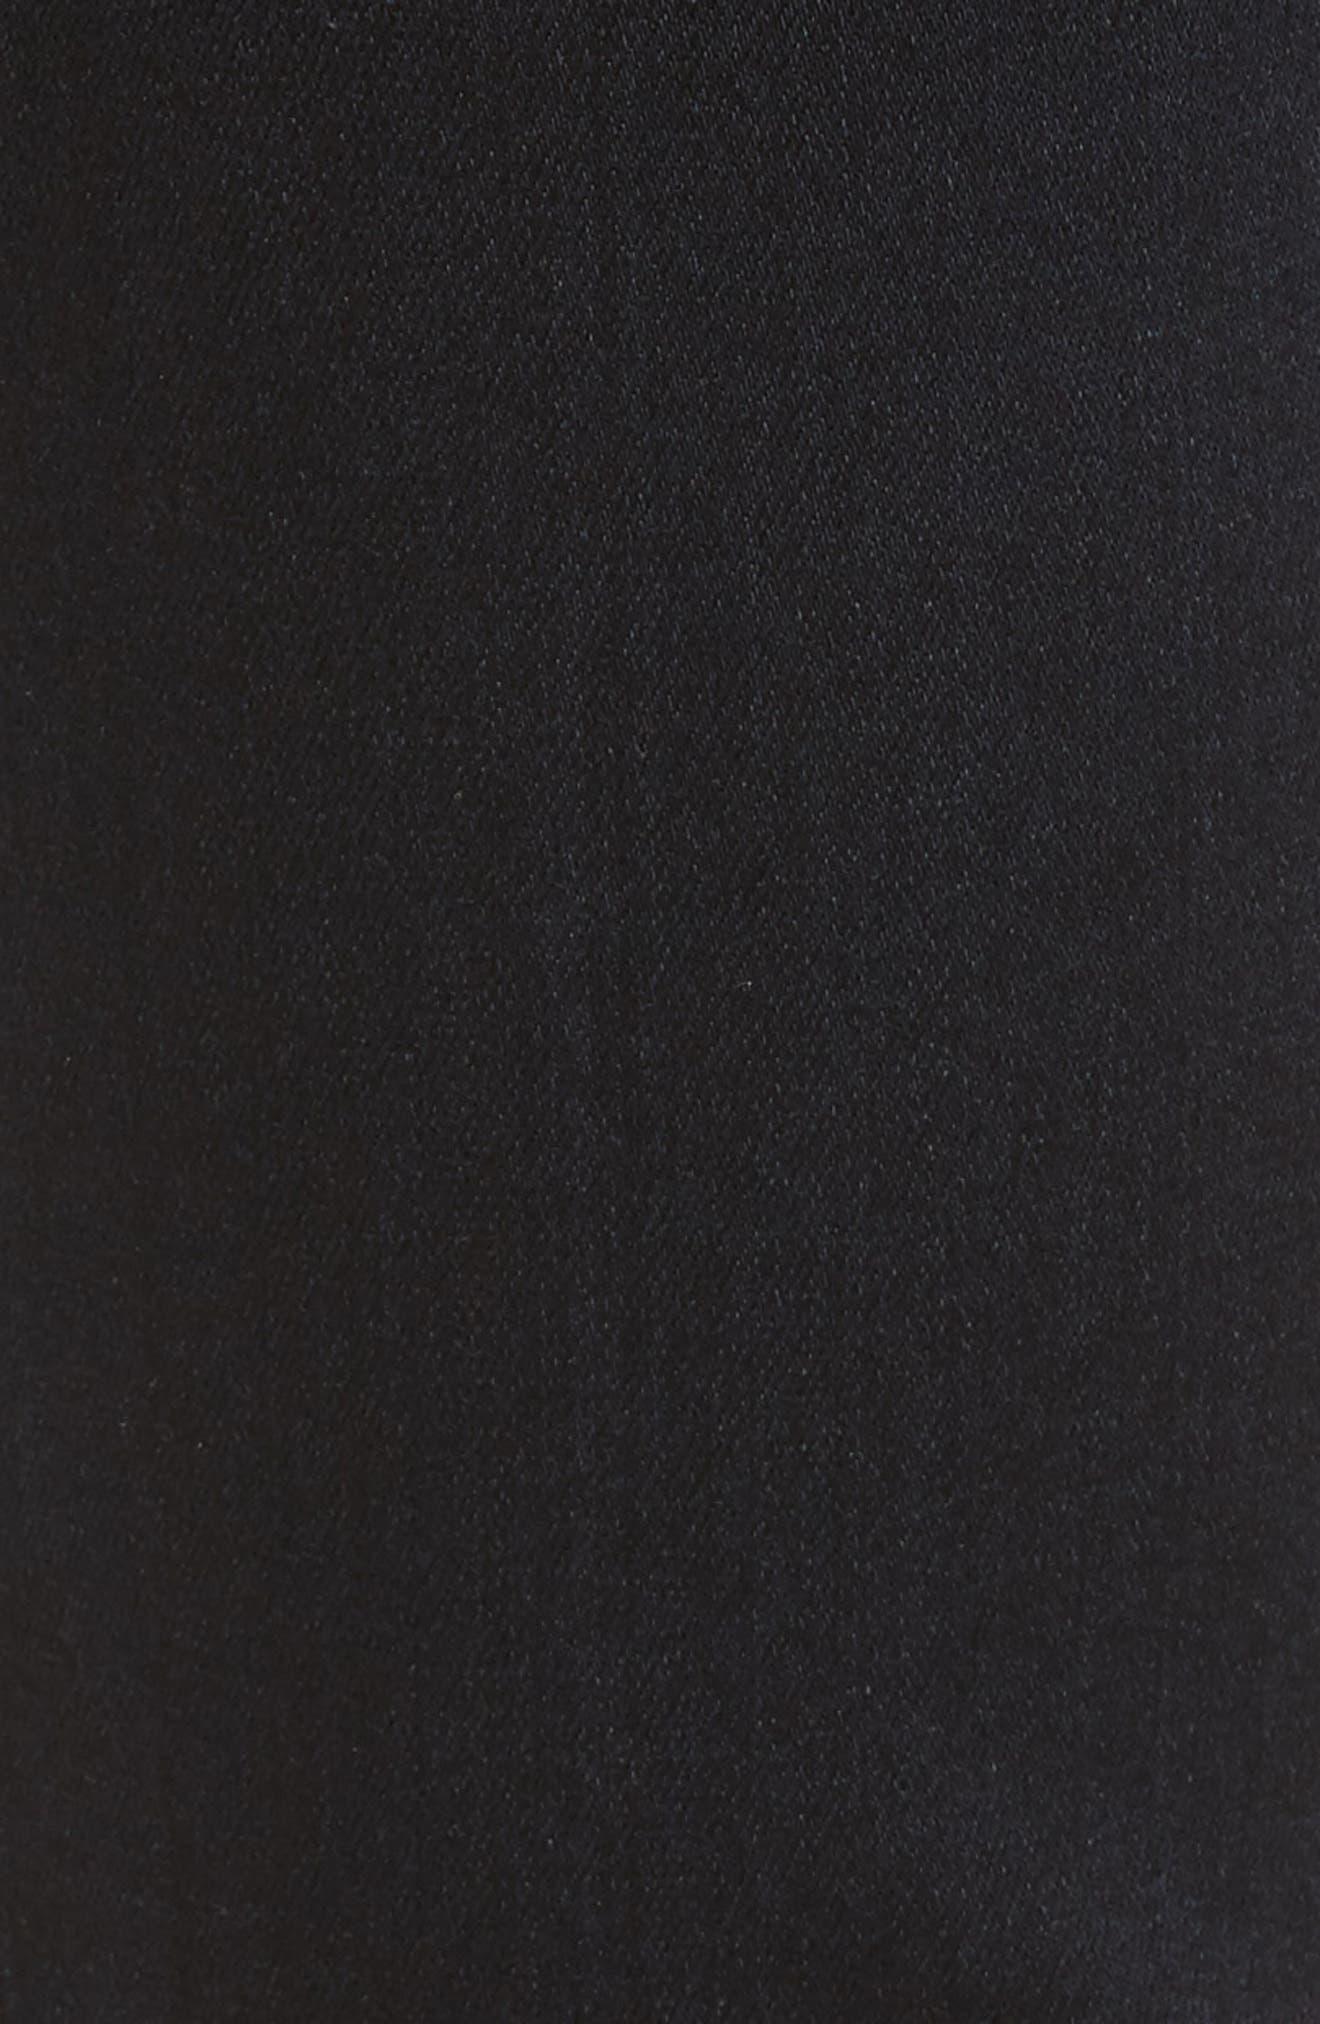 Transcend - Edgemont Ultra Skinny Jeans,                             Alternate thumbnail 5, color,                             400